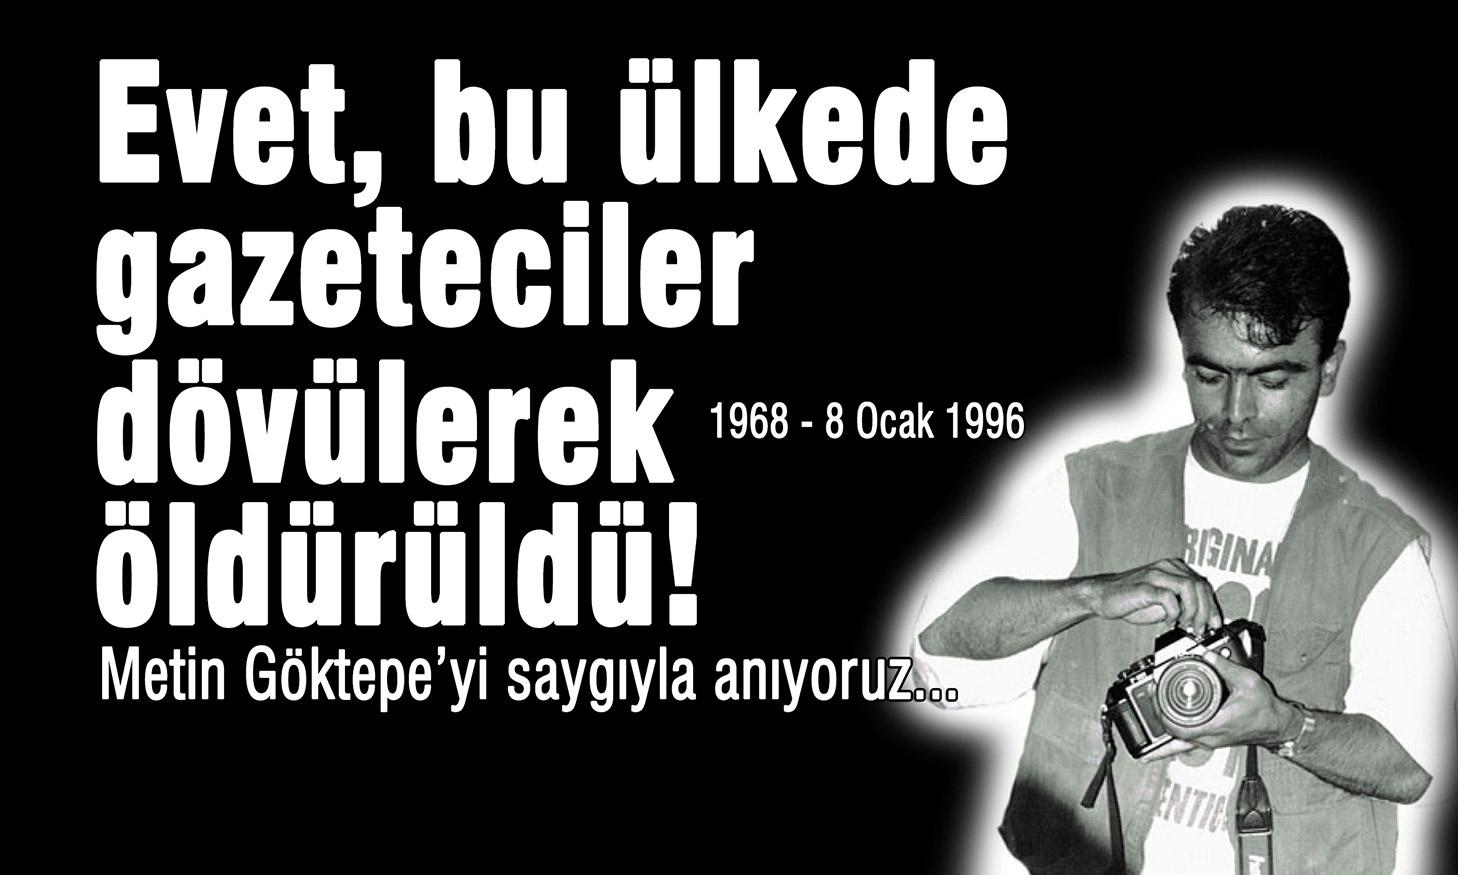 Yüzlerce kişinin gözü önünde 8 Ocak 1996'da coplanarak öldürülen gazeteci Metin Göktepe'yi Press Haber çalışanları olarak saygıyla anıyoruz. Evet, bu ülkede gazeteciler coplanarak da öldürüldü. Bugün 49 yaşında olan Metin ağabeyin genç meslektaşları olarak, davasını sahipsiz bırakmayacağız.